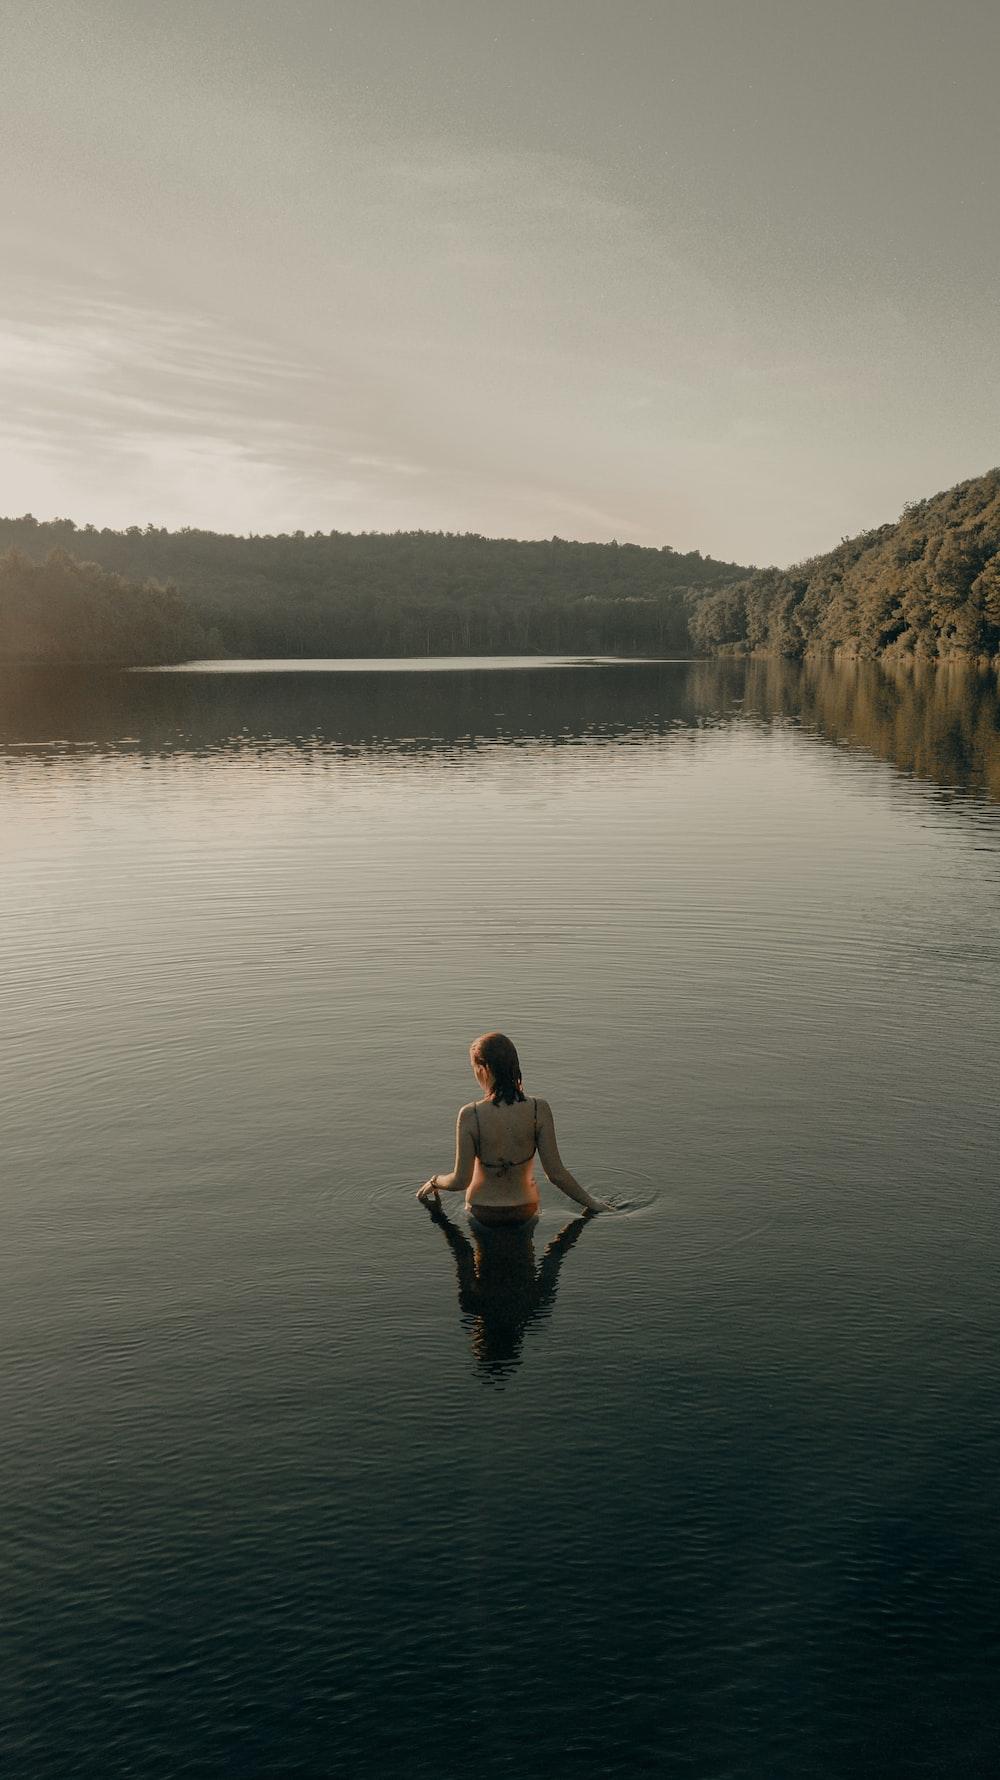 woman in black bikini sitting on rock near body of water during daytime